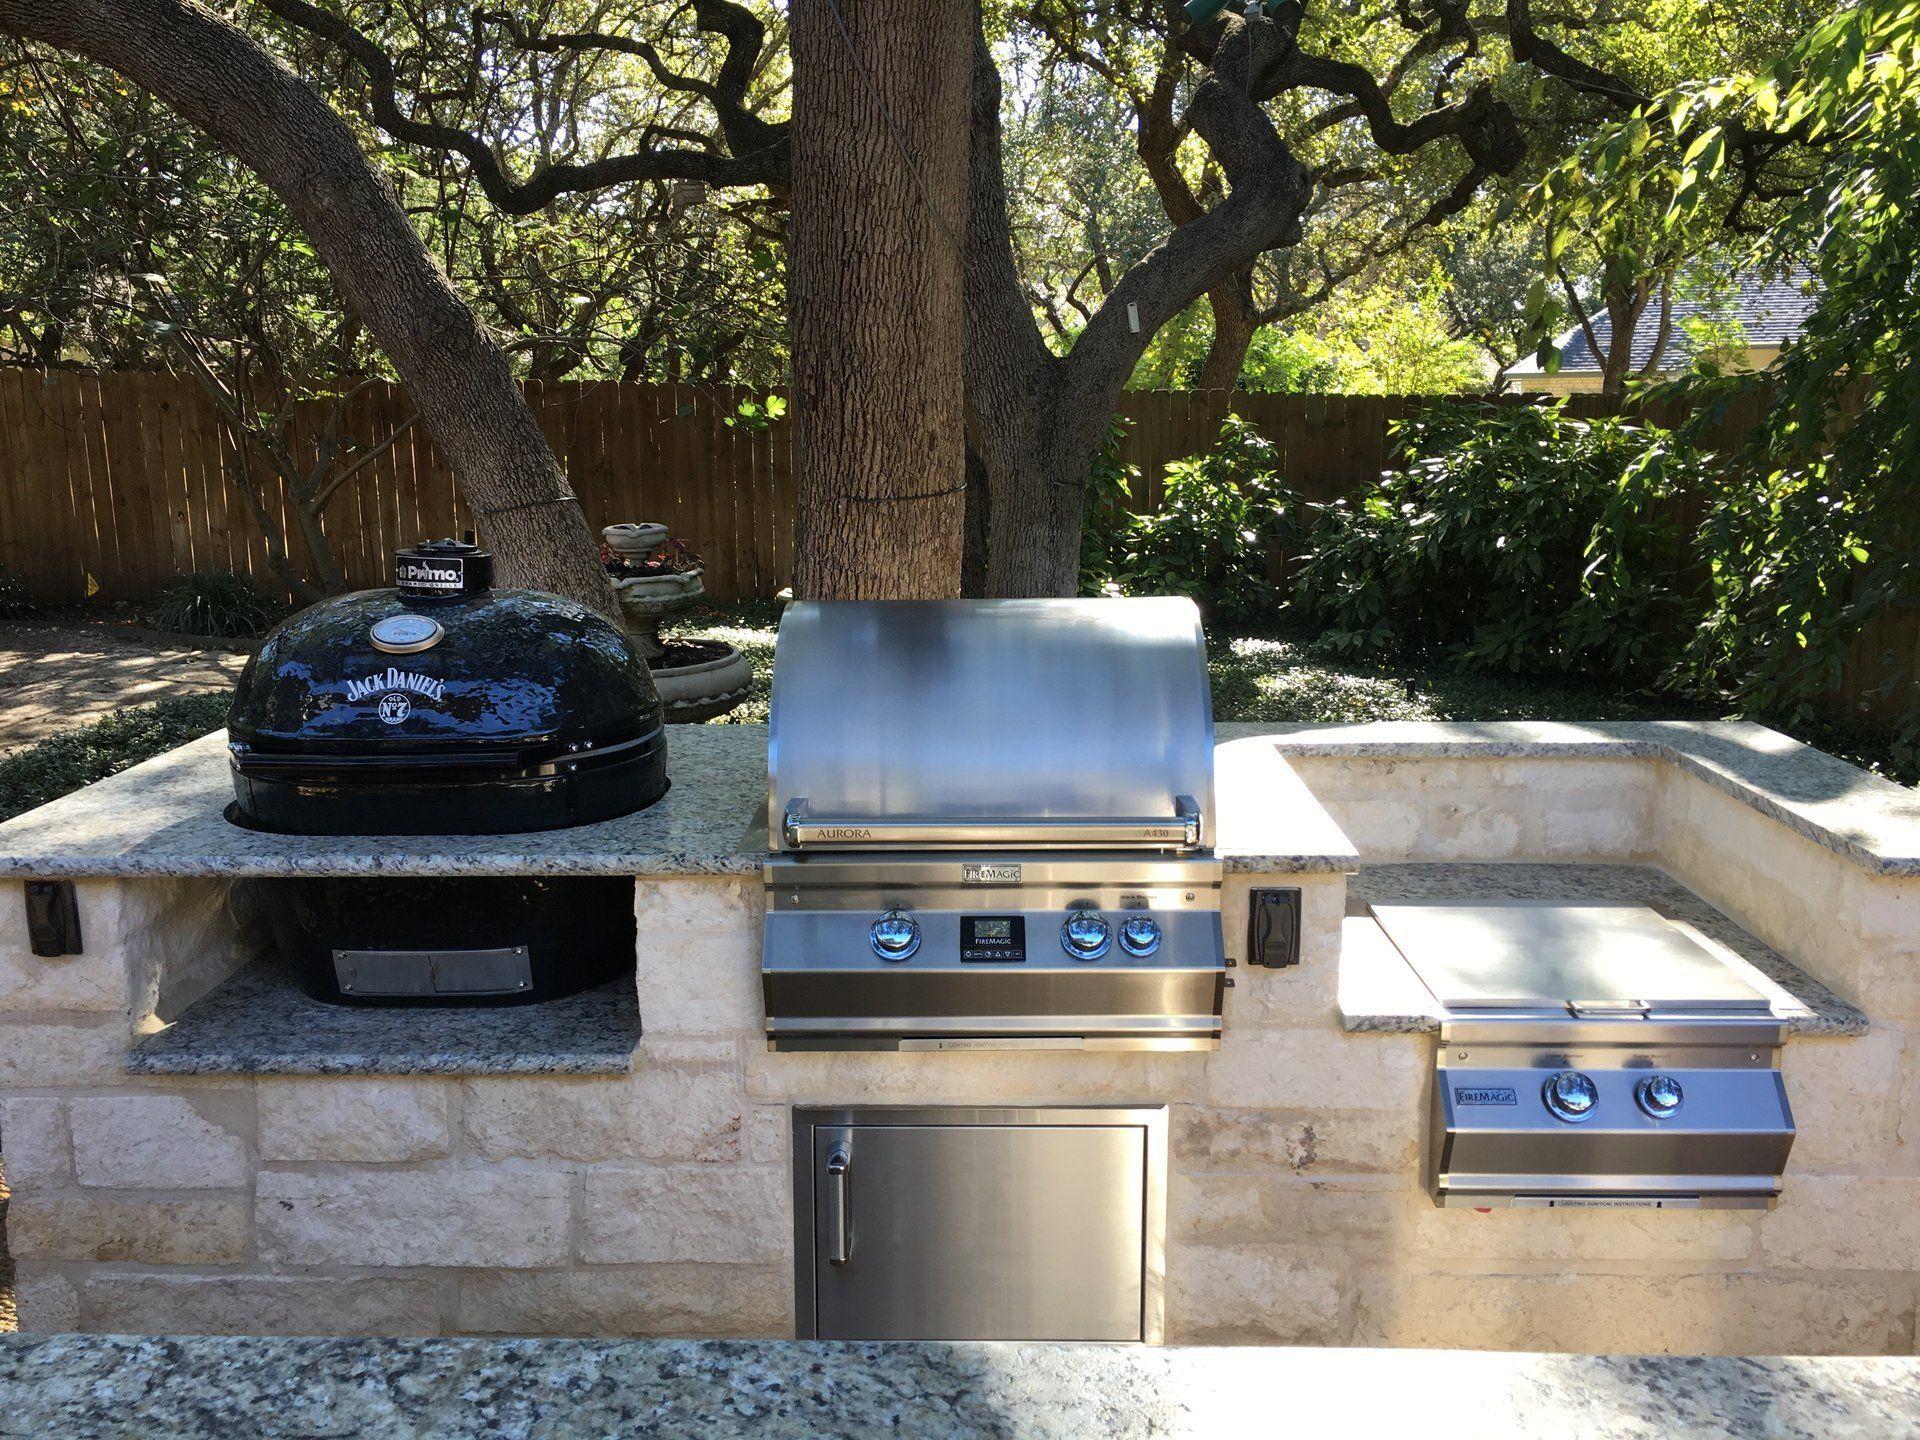 Barbecue Grills San Antonio Tx Outdoor Kitchens Fire Pits Inside Barbecue Kitchens Outdoors 16 Examples Of Barbecue Kitchens Outdoo Outdoor Kitchens Barbe